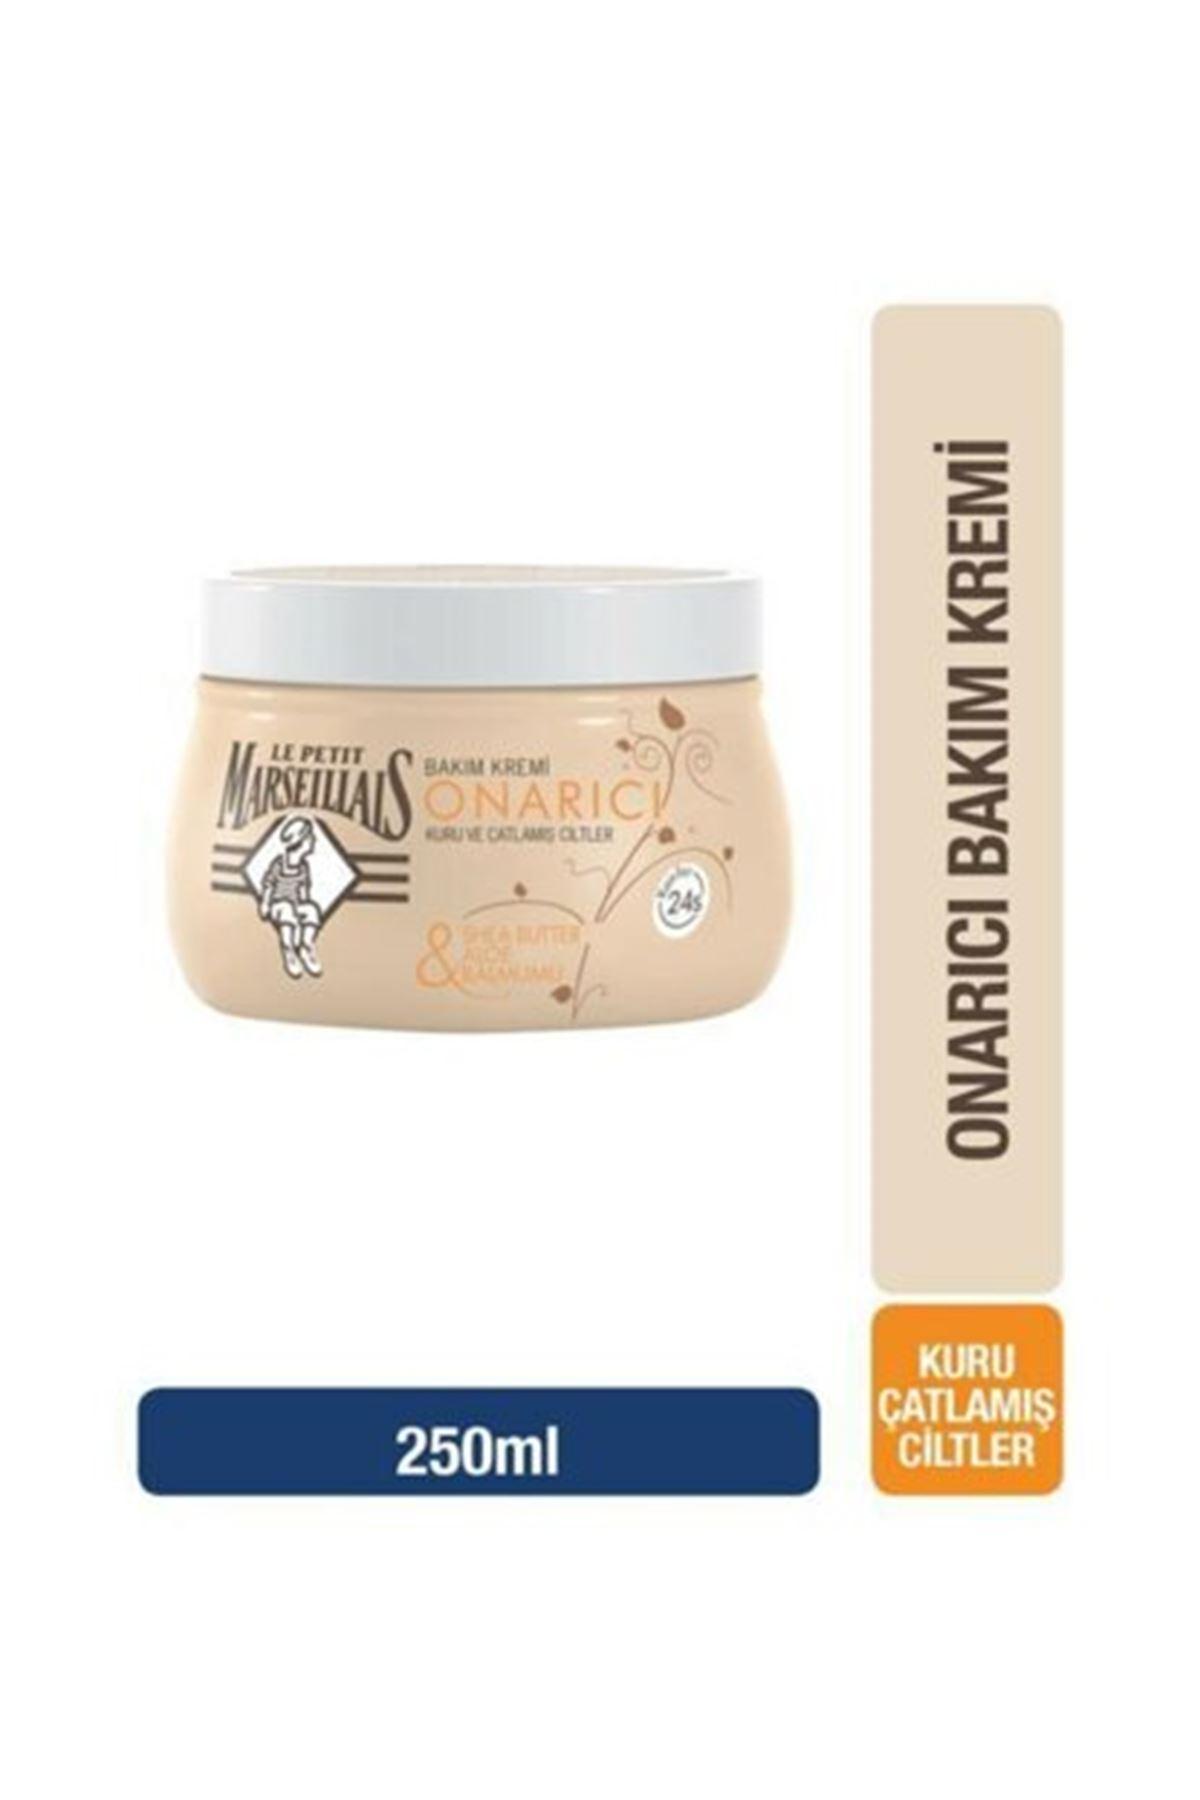 Le Petit Marseillais Shea Yağı & Aloe & Balmumu İçerikli Onarıcı Bakım Kremi 250 ml